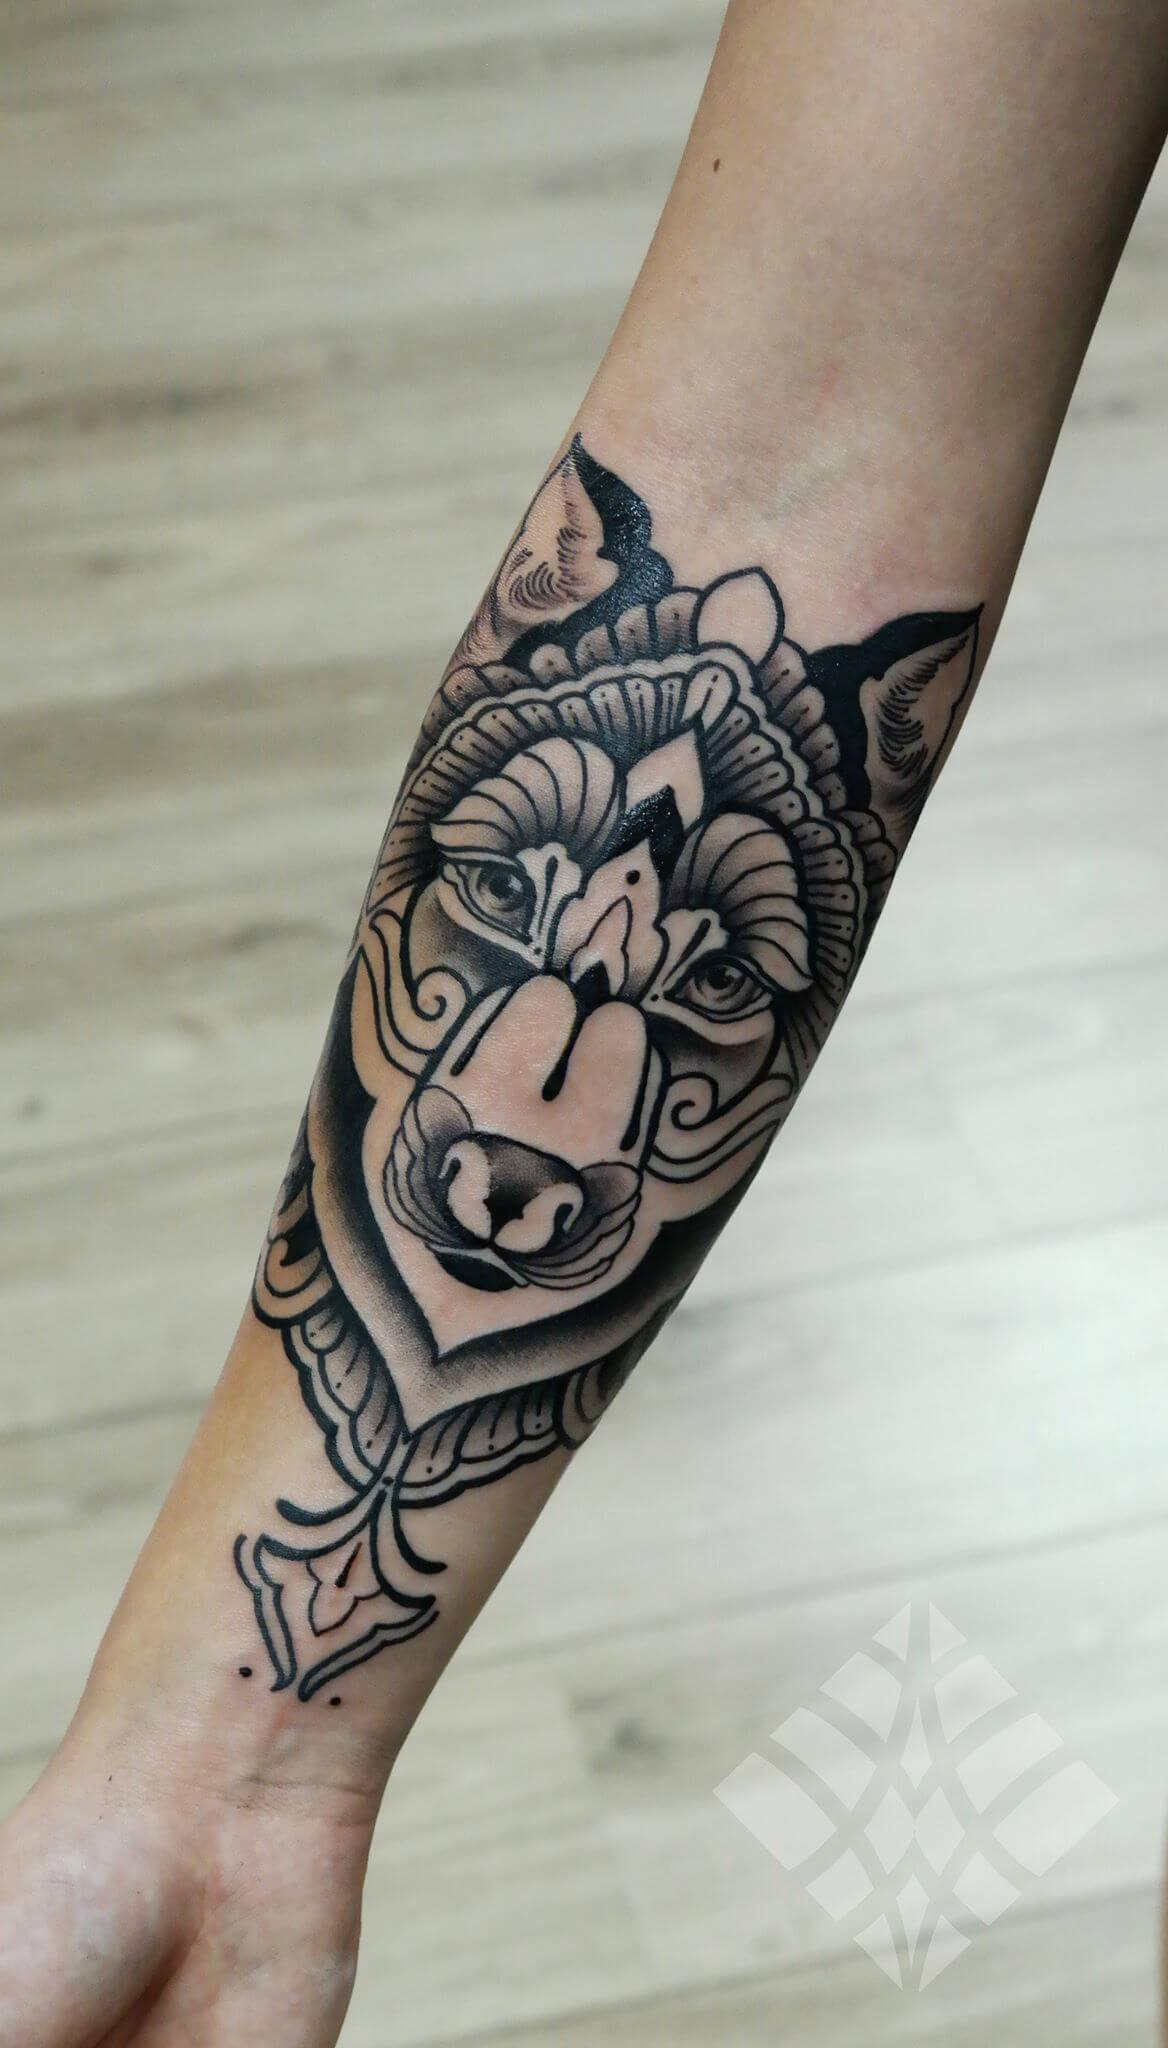 tribal patterns tattoo designs 21 (1)